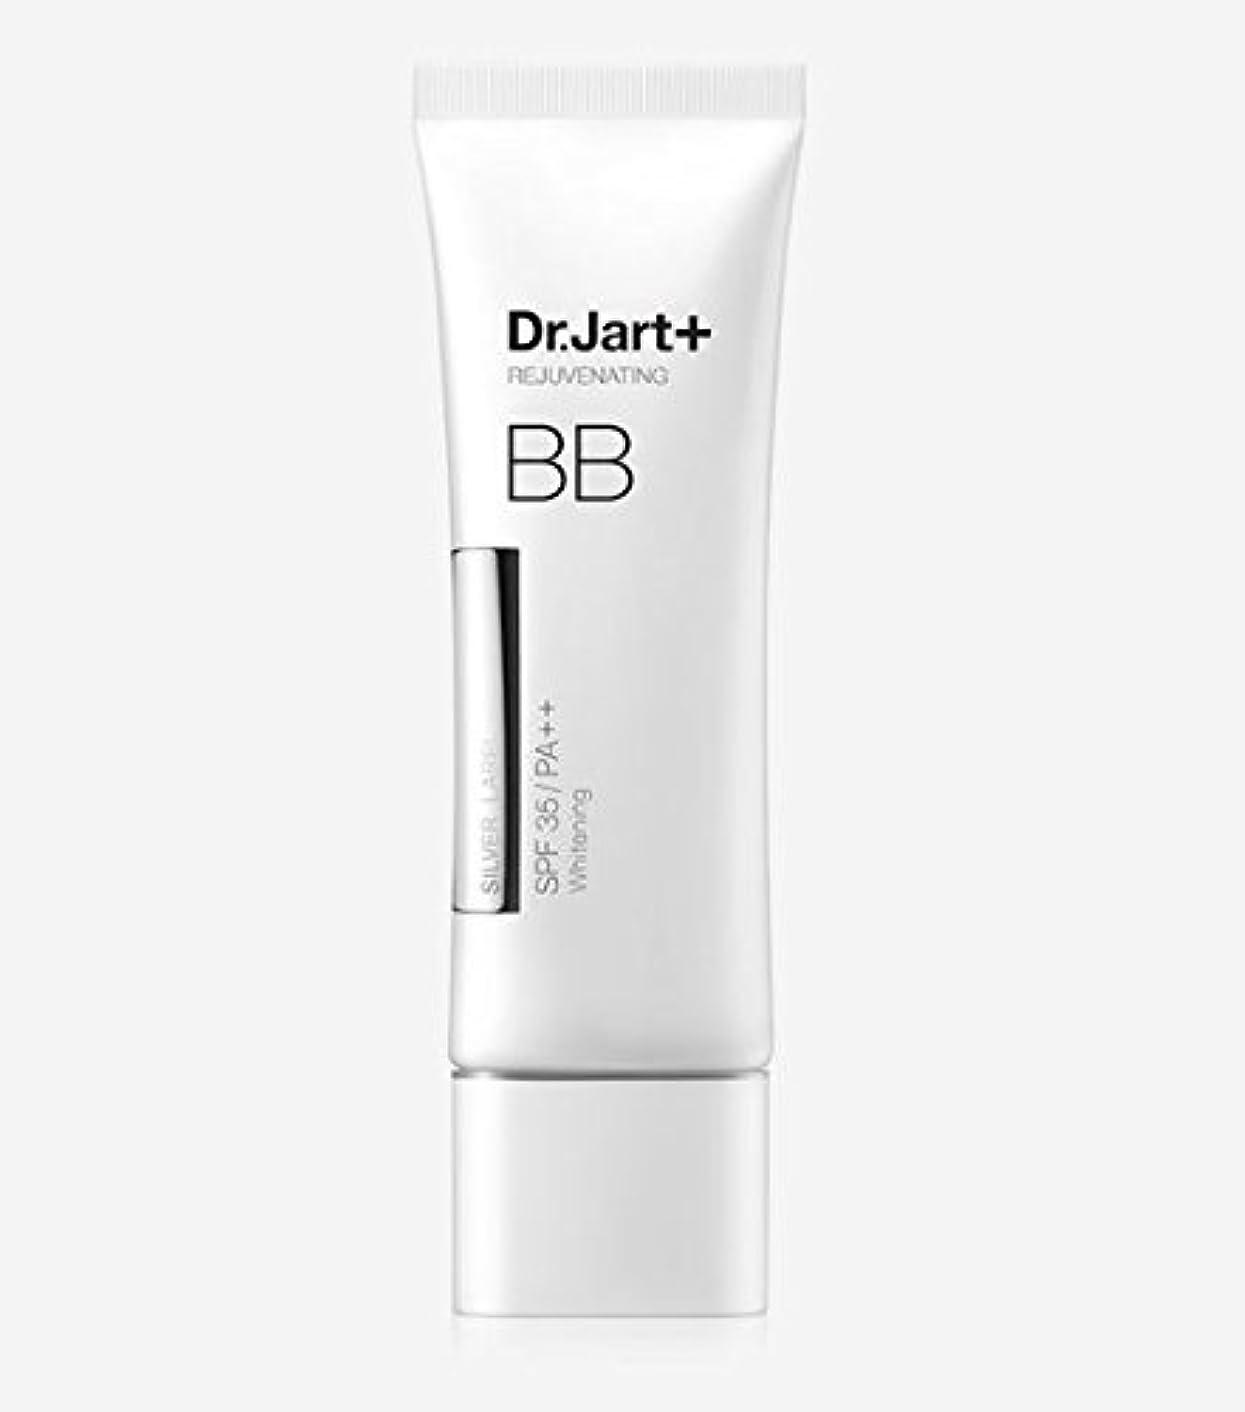 より平らな直径論争的[Dr. Jart] Silver Label BB Rejuvenating Beauty Balm 50ml SPF35 PA++/[ドクタージャルト] シルバーラベル BB リジュビネイティング ビューティー バーム...